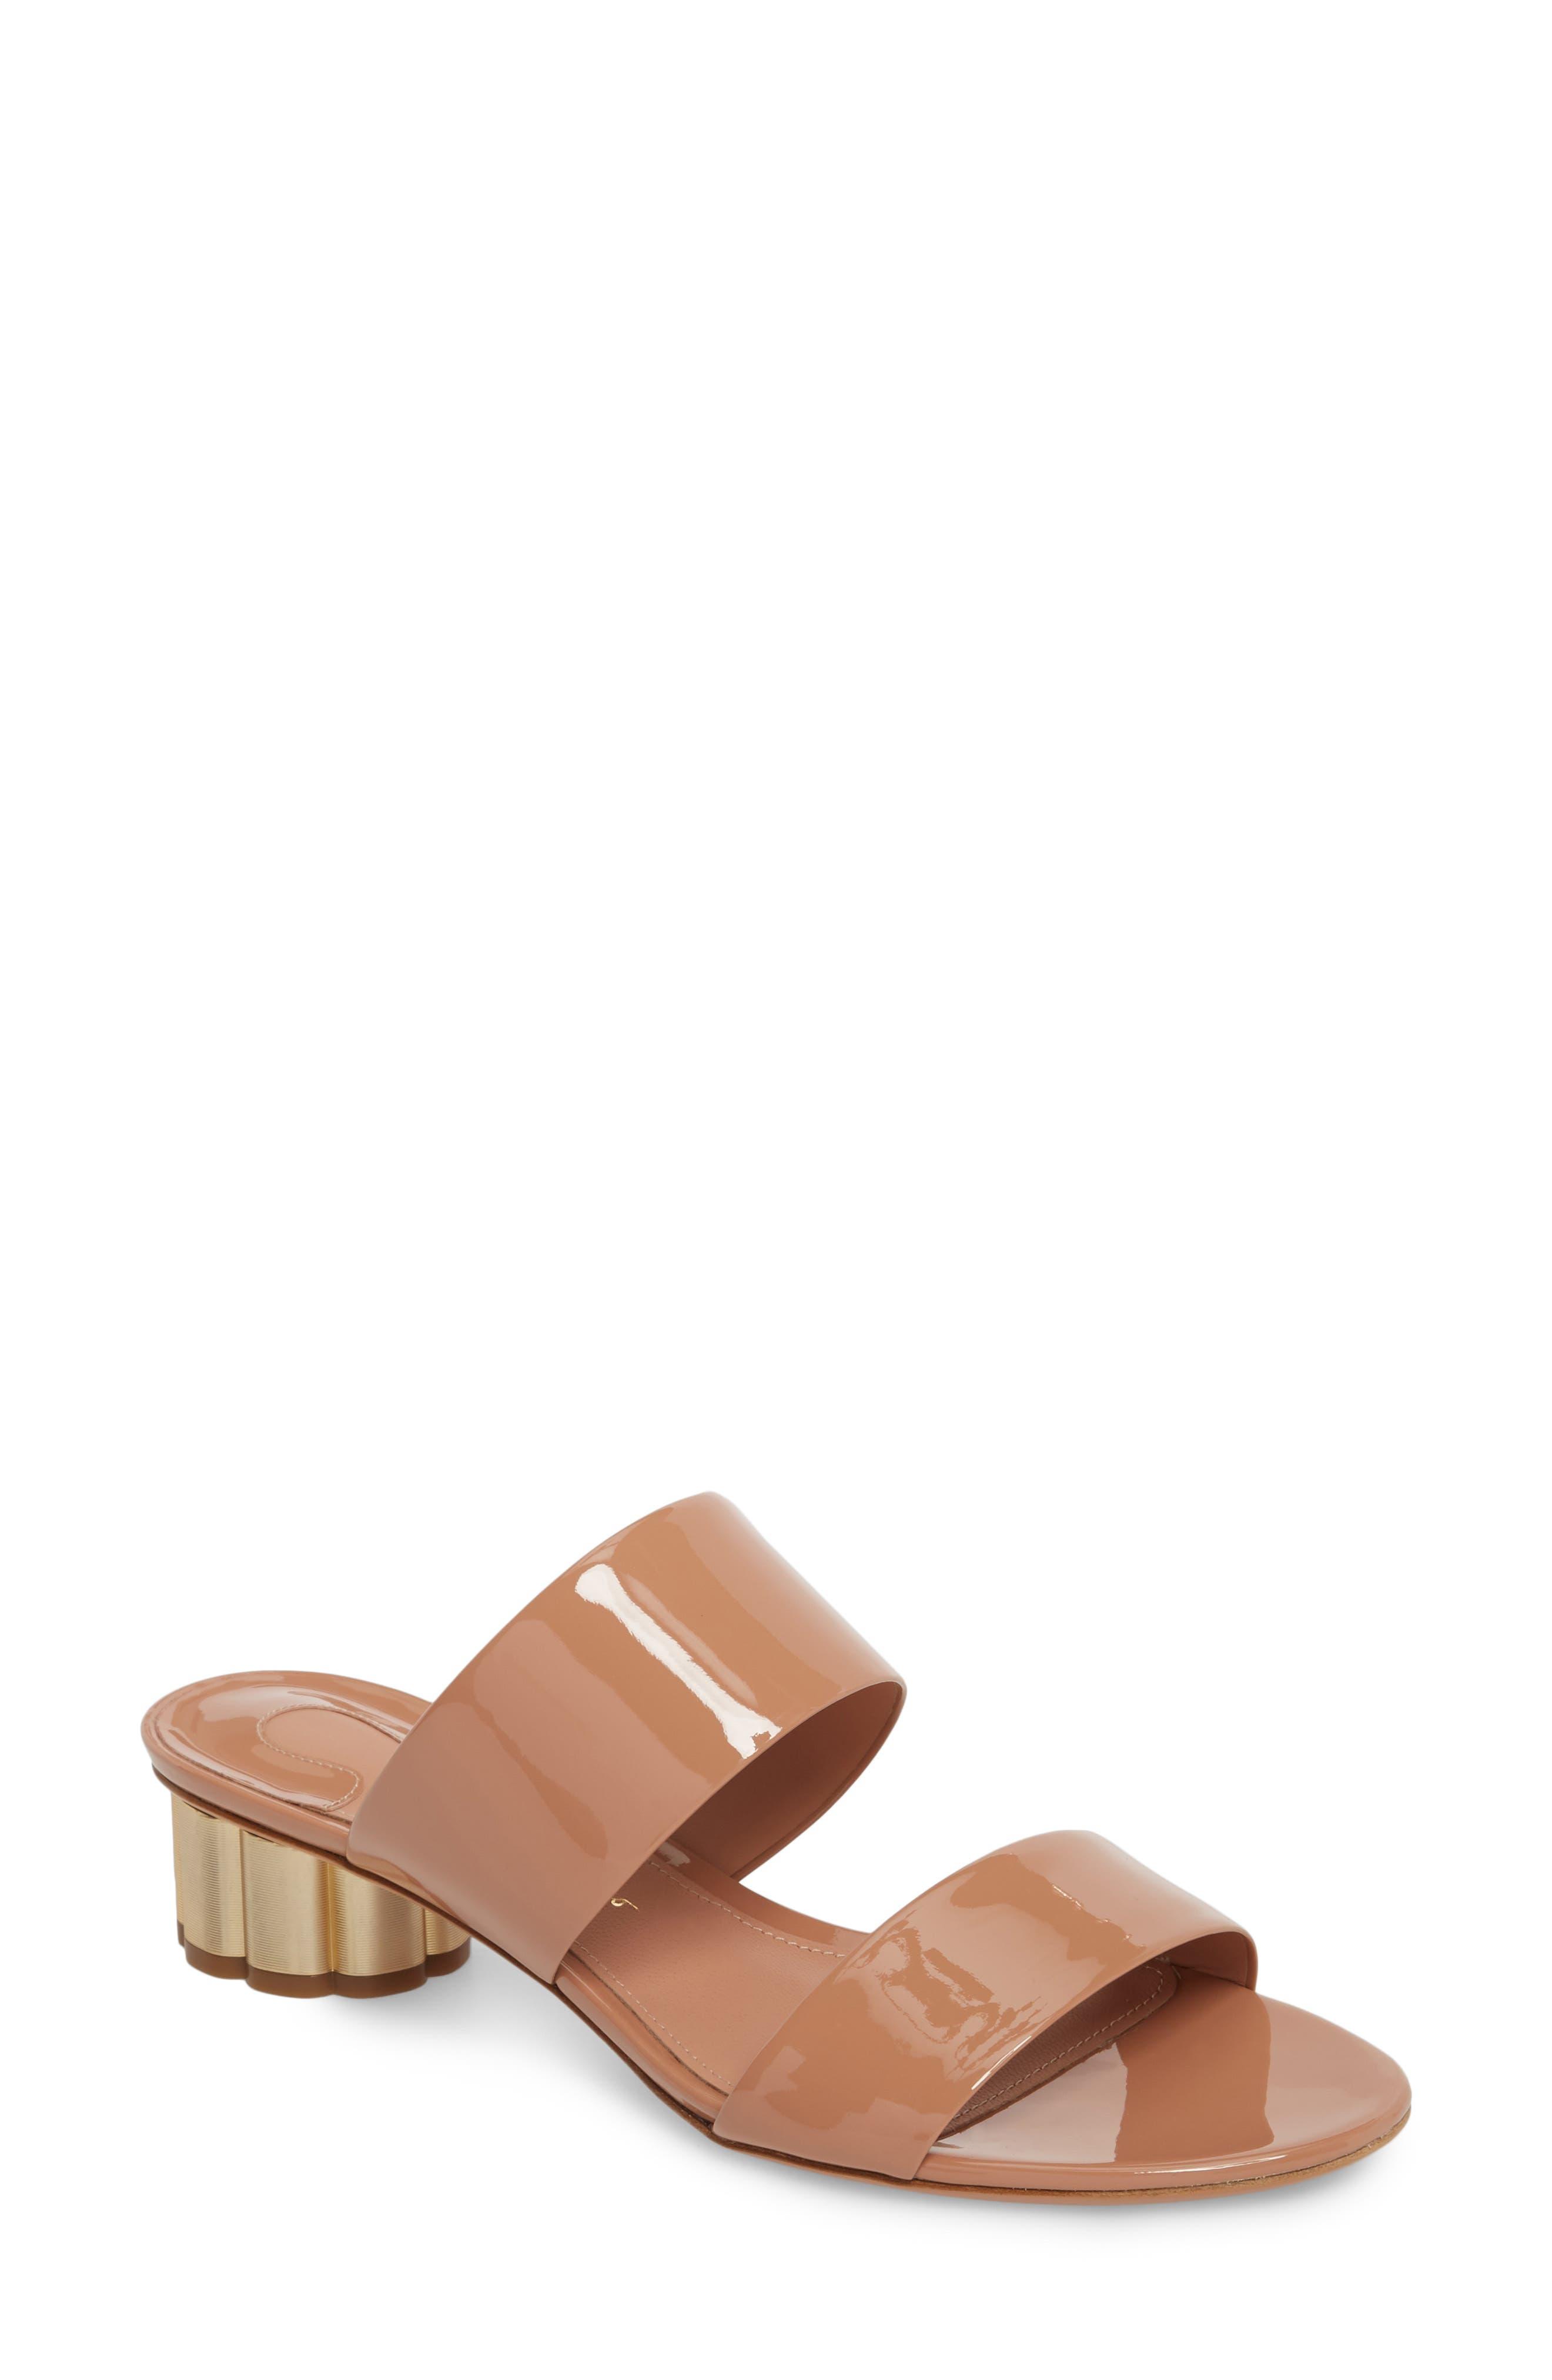 Salvatore Ferragamo Belluno Double Band Slide Sandal B - Pink